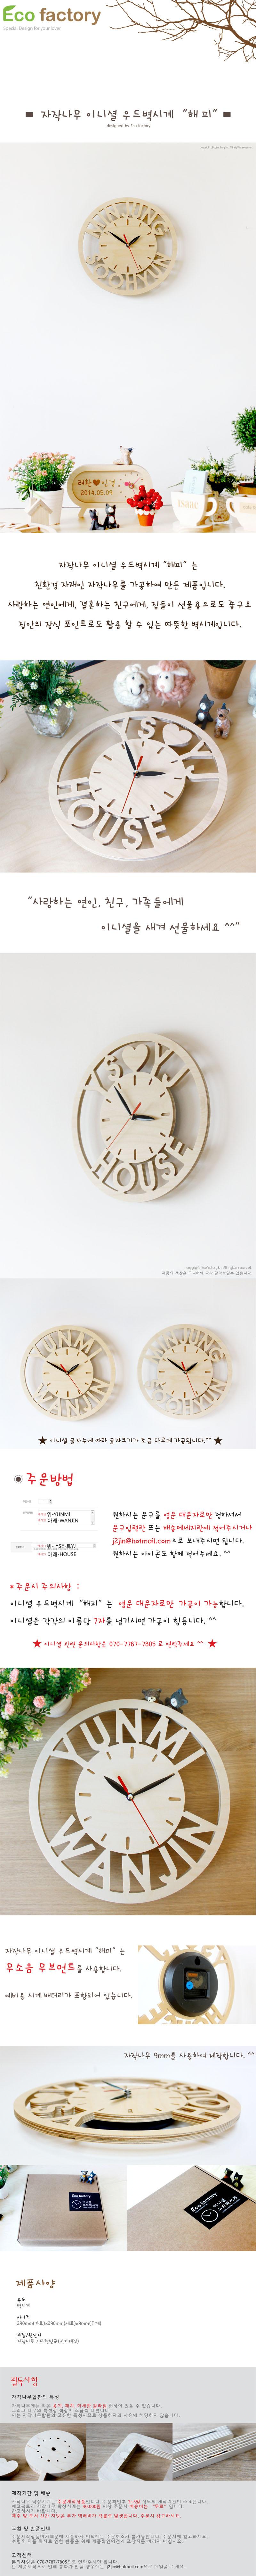 무소음 자작나무 이니셜 우드벽시계 해피 - 에코 팩토리, 26,400원, 벽시계, 우드벽시계